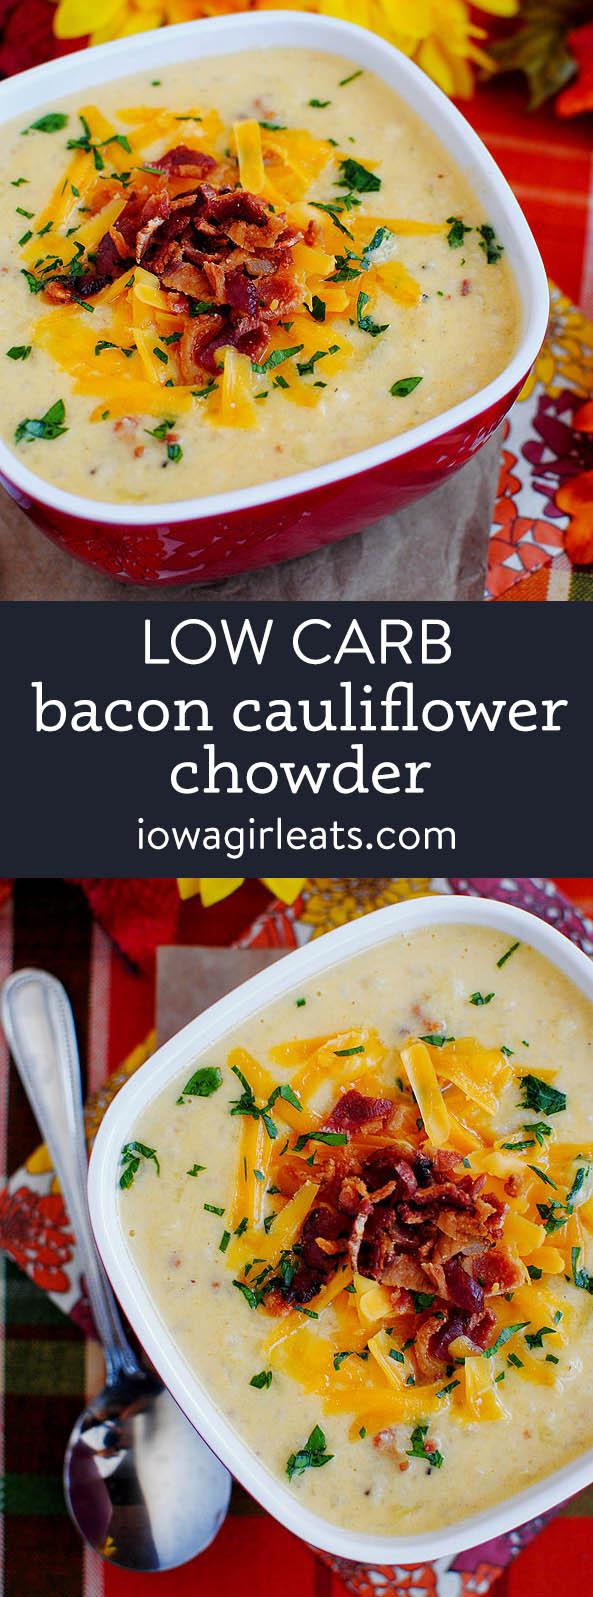 photo collage of Bacon-Cheddar Cauliflower Chowder